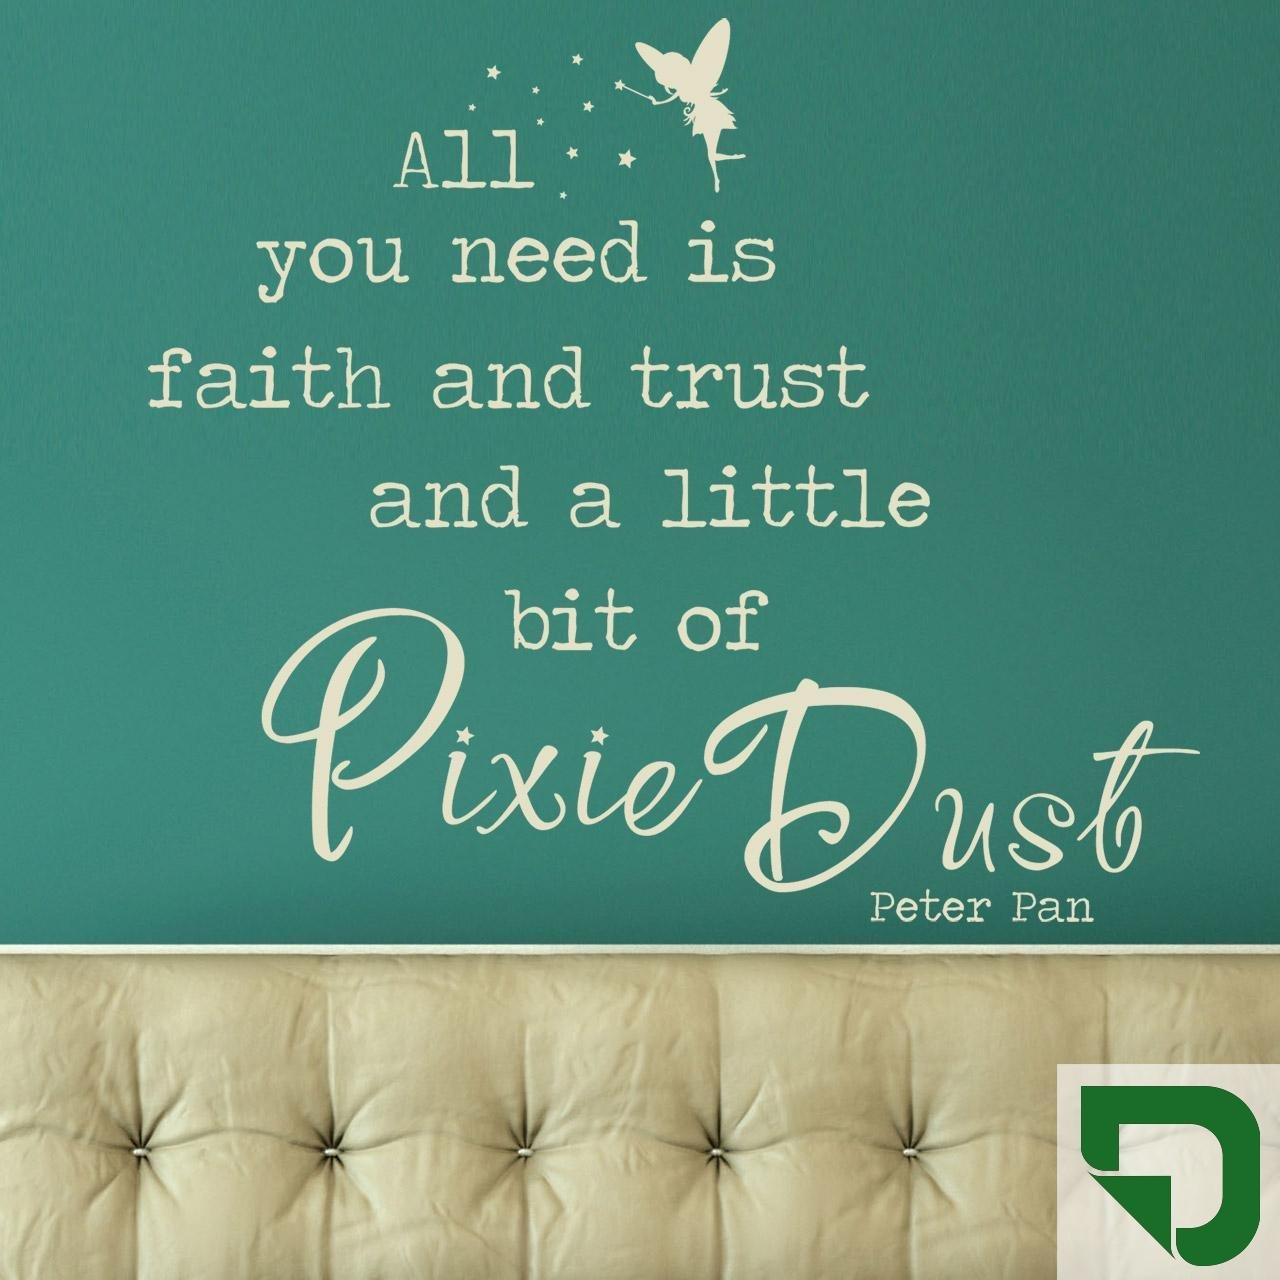 DESIGNSCAPE® Wandtattoo All you need is faith and trust an a little bit of Pixie Dust - Peter Pan Zitat 90 x 77 cm (Breite x Höhe) braun DW802125-M-F9 B01FSB5JLK Wandtattoos & Wandbilder